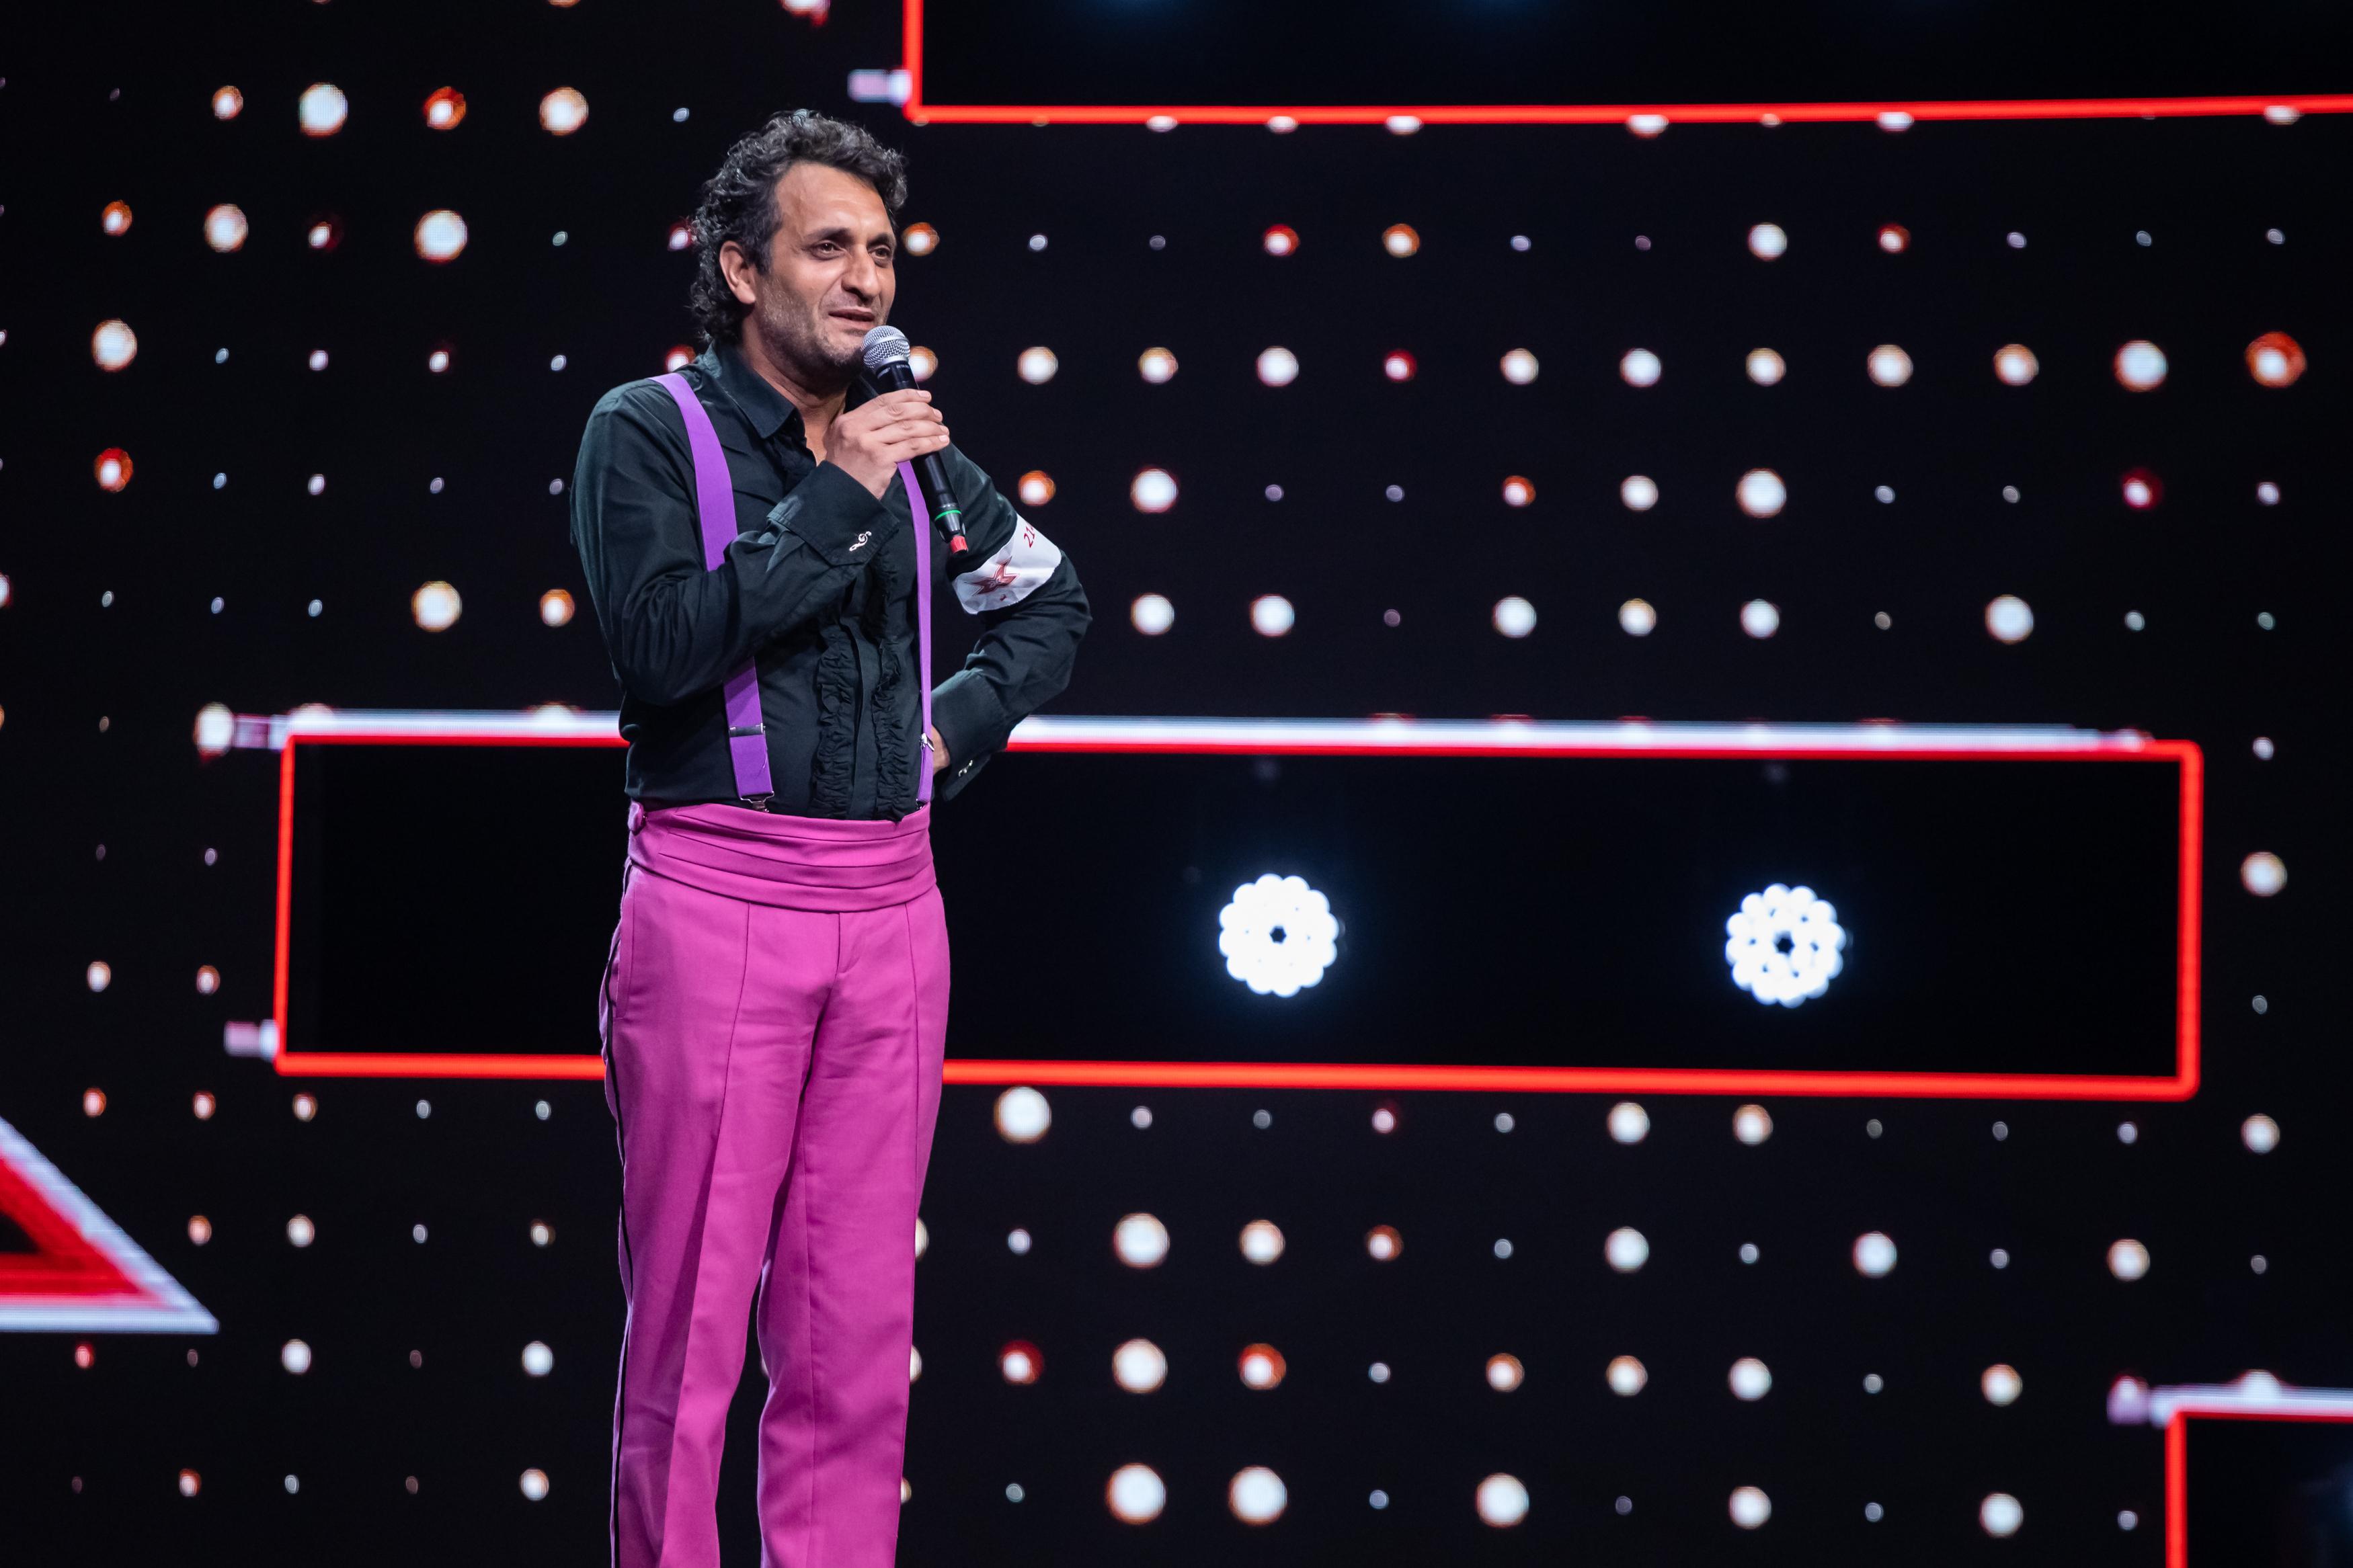 Iulian Canaf a dovedit pe scena X Factor că are bluesul în sânge. El și Loredana au istorie împreună